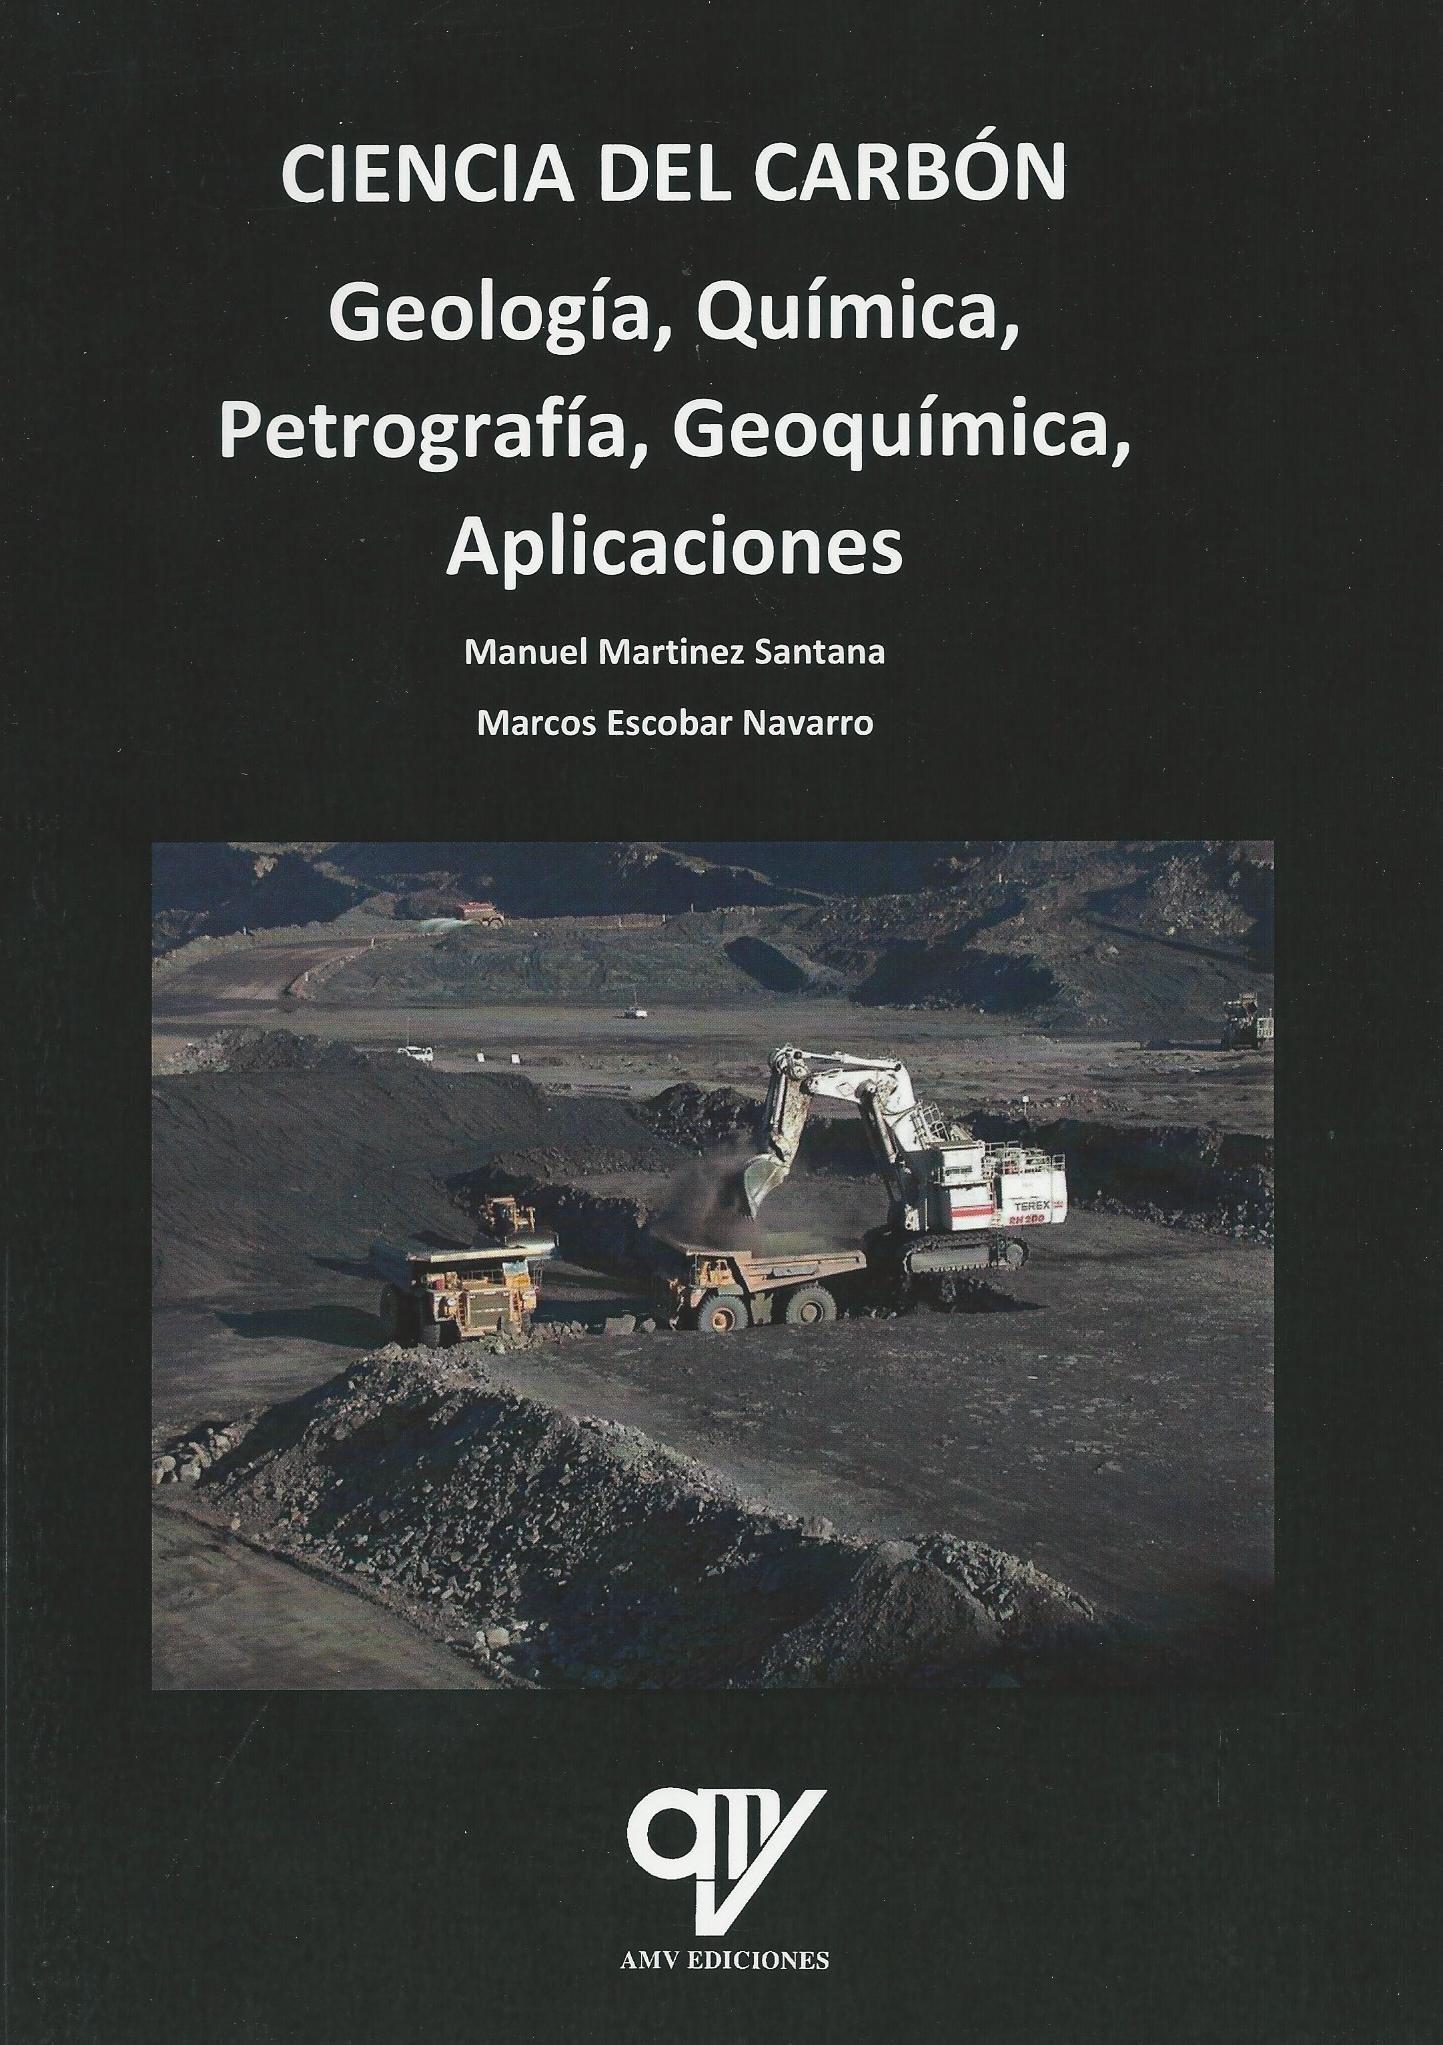 Resultado de imagen para Ciencia del carbón: Geología, Química, Petrografía, Geoquímica, aplicaciones